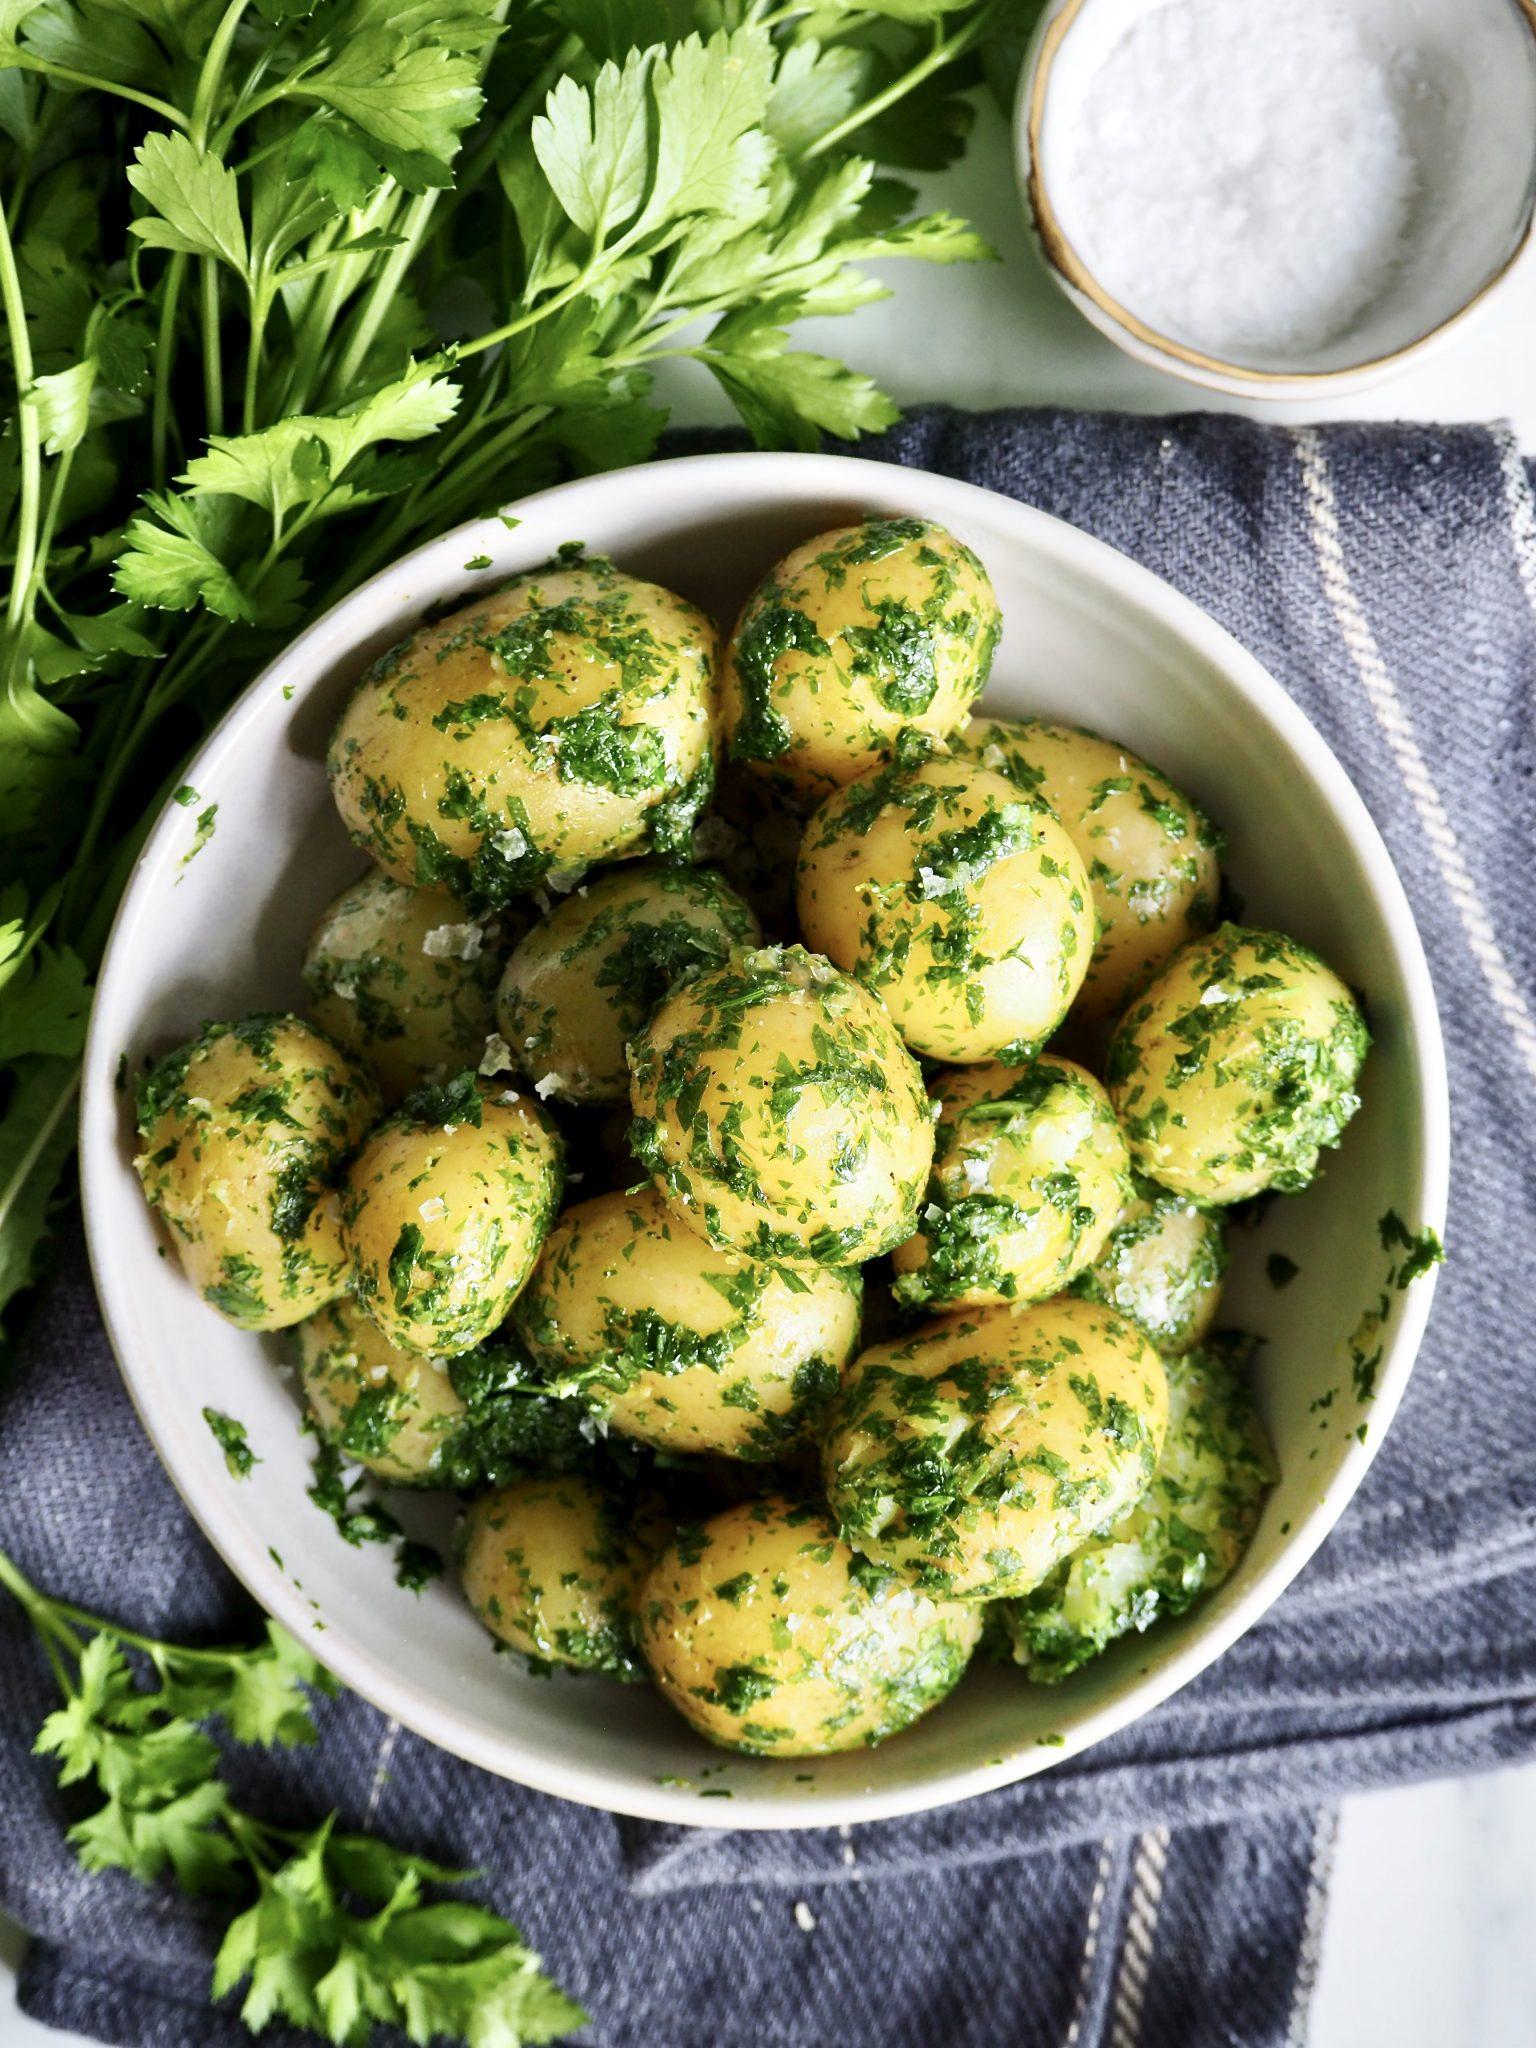 Persillepoteter, din nye favoritt potetoppskrift!